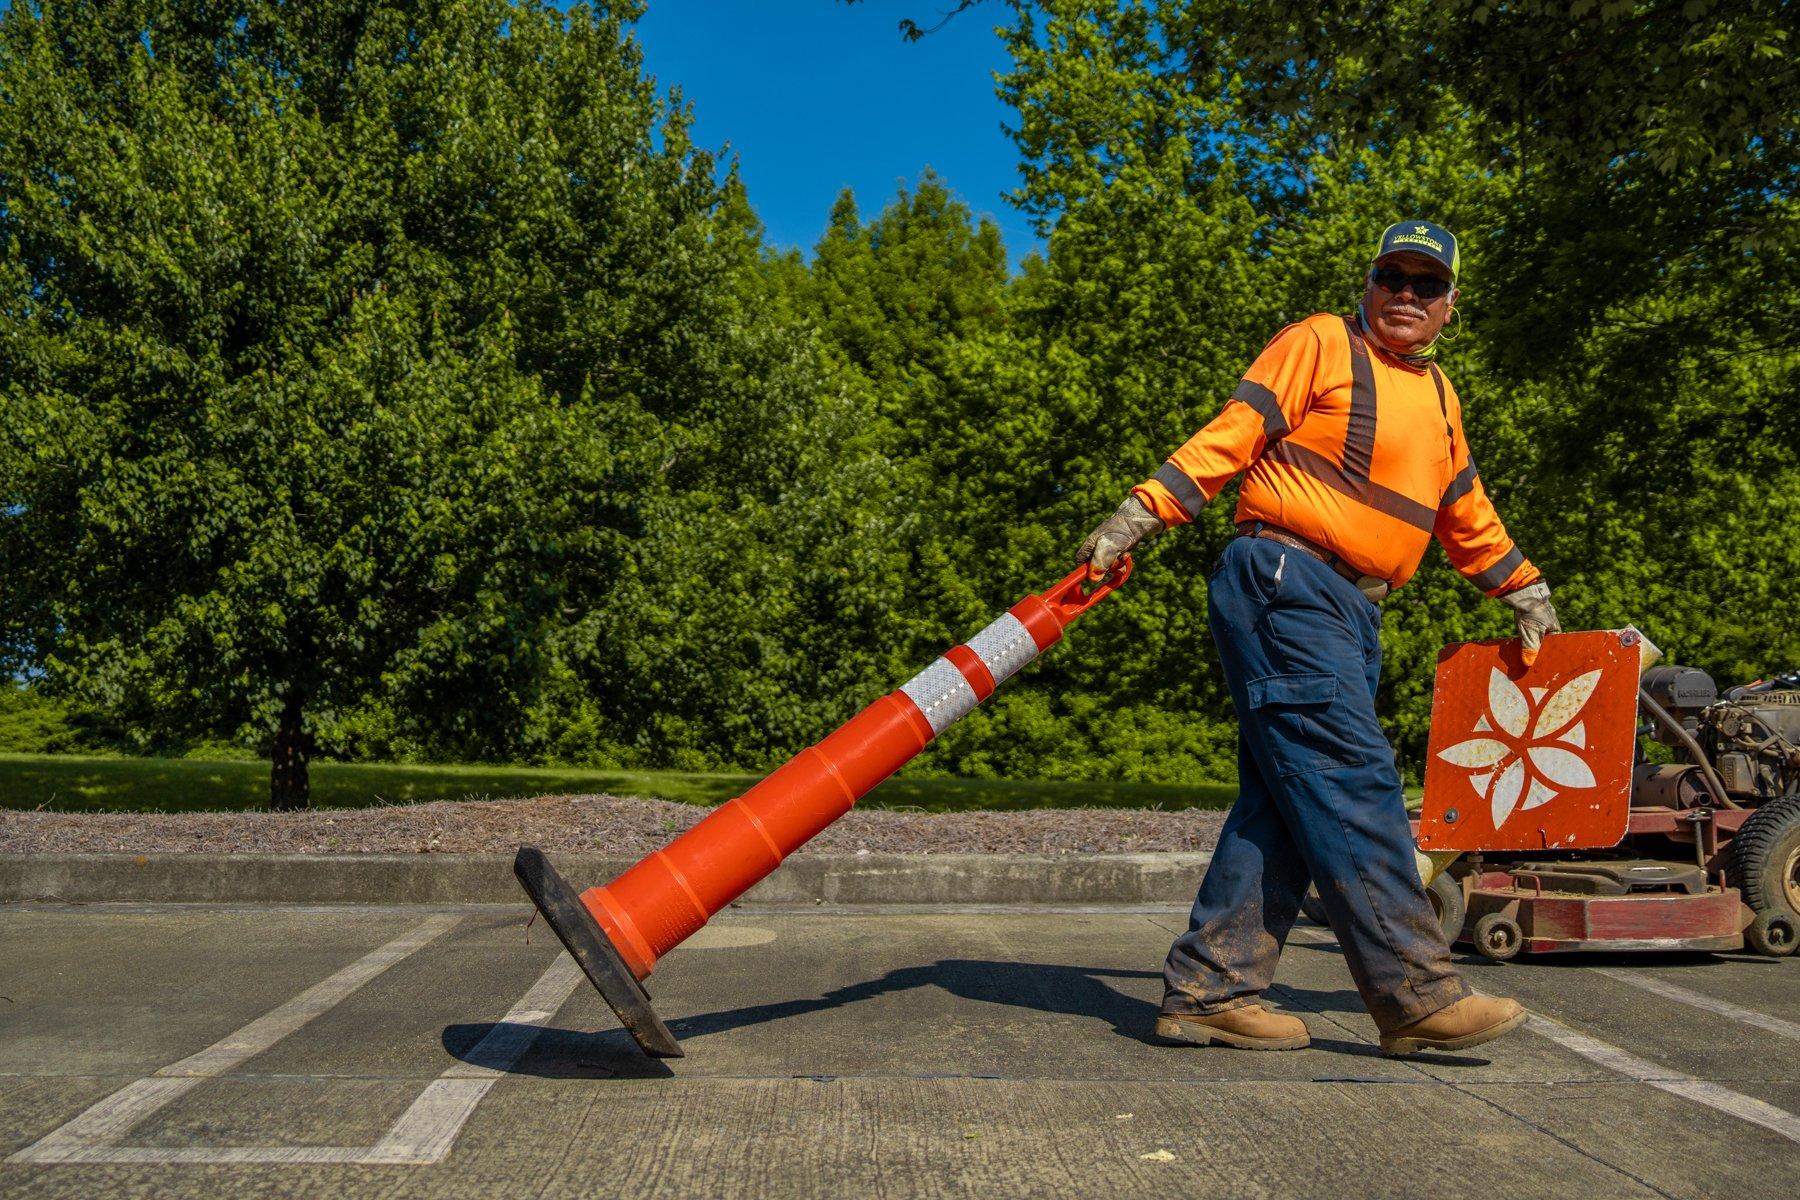 Landscape crew placing safety cones